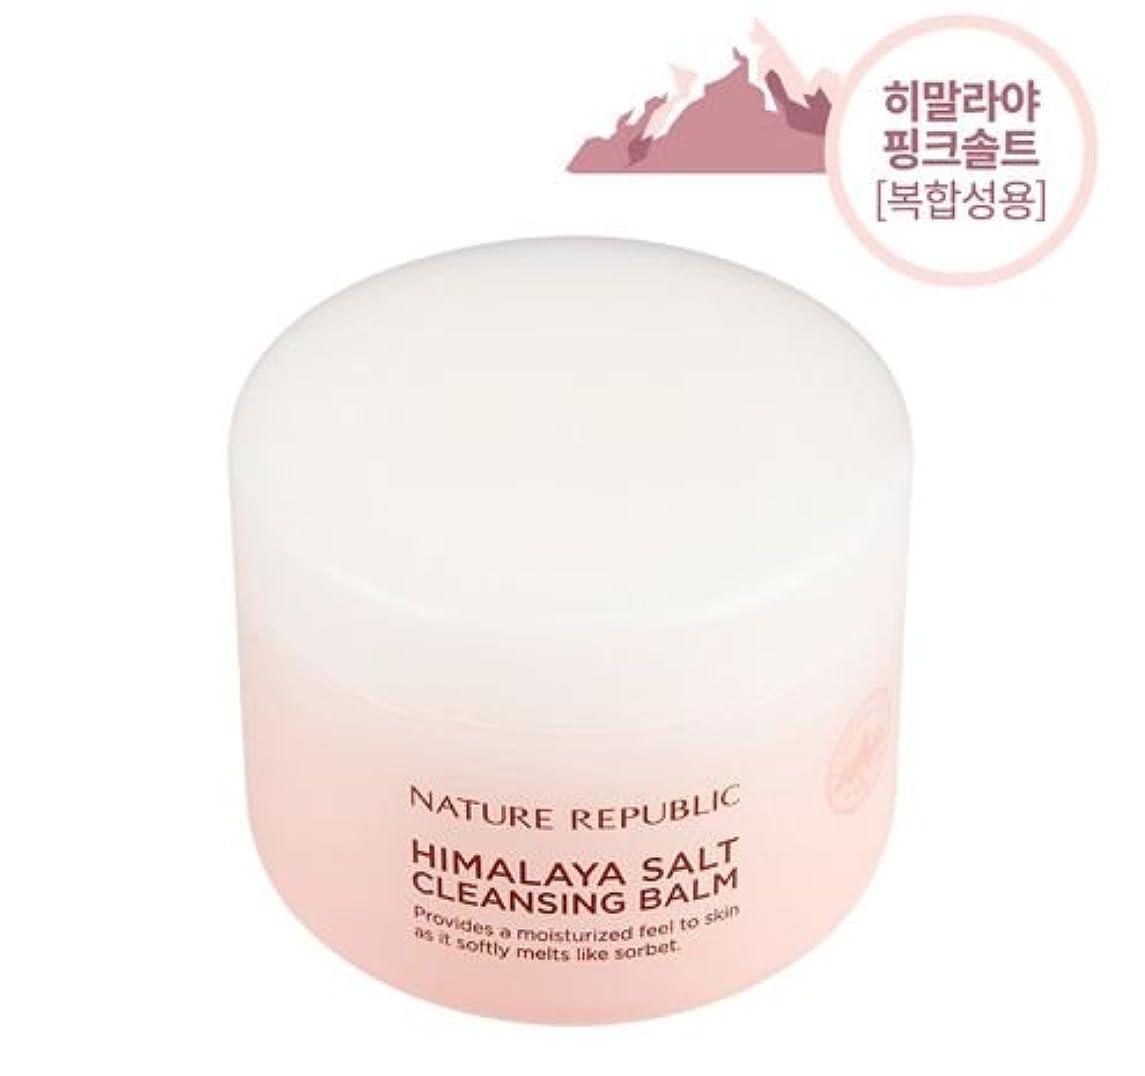 部族廊下降伏Himalaya salt cleansing balm (PINK SALT)ヒマラヤソルトクレンジングバーム(pink salt) [並行輸入品]